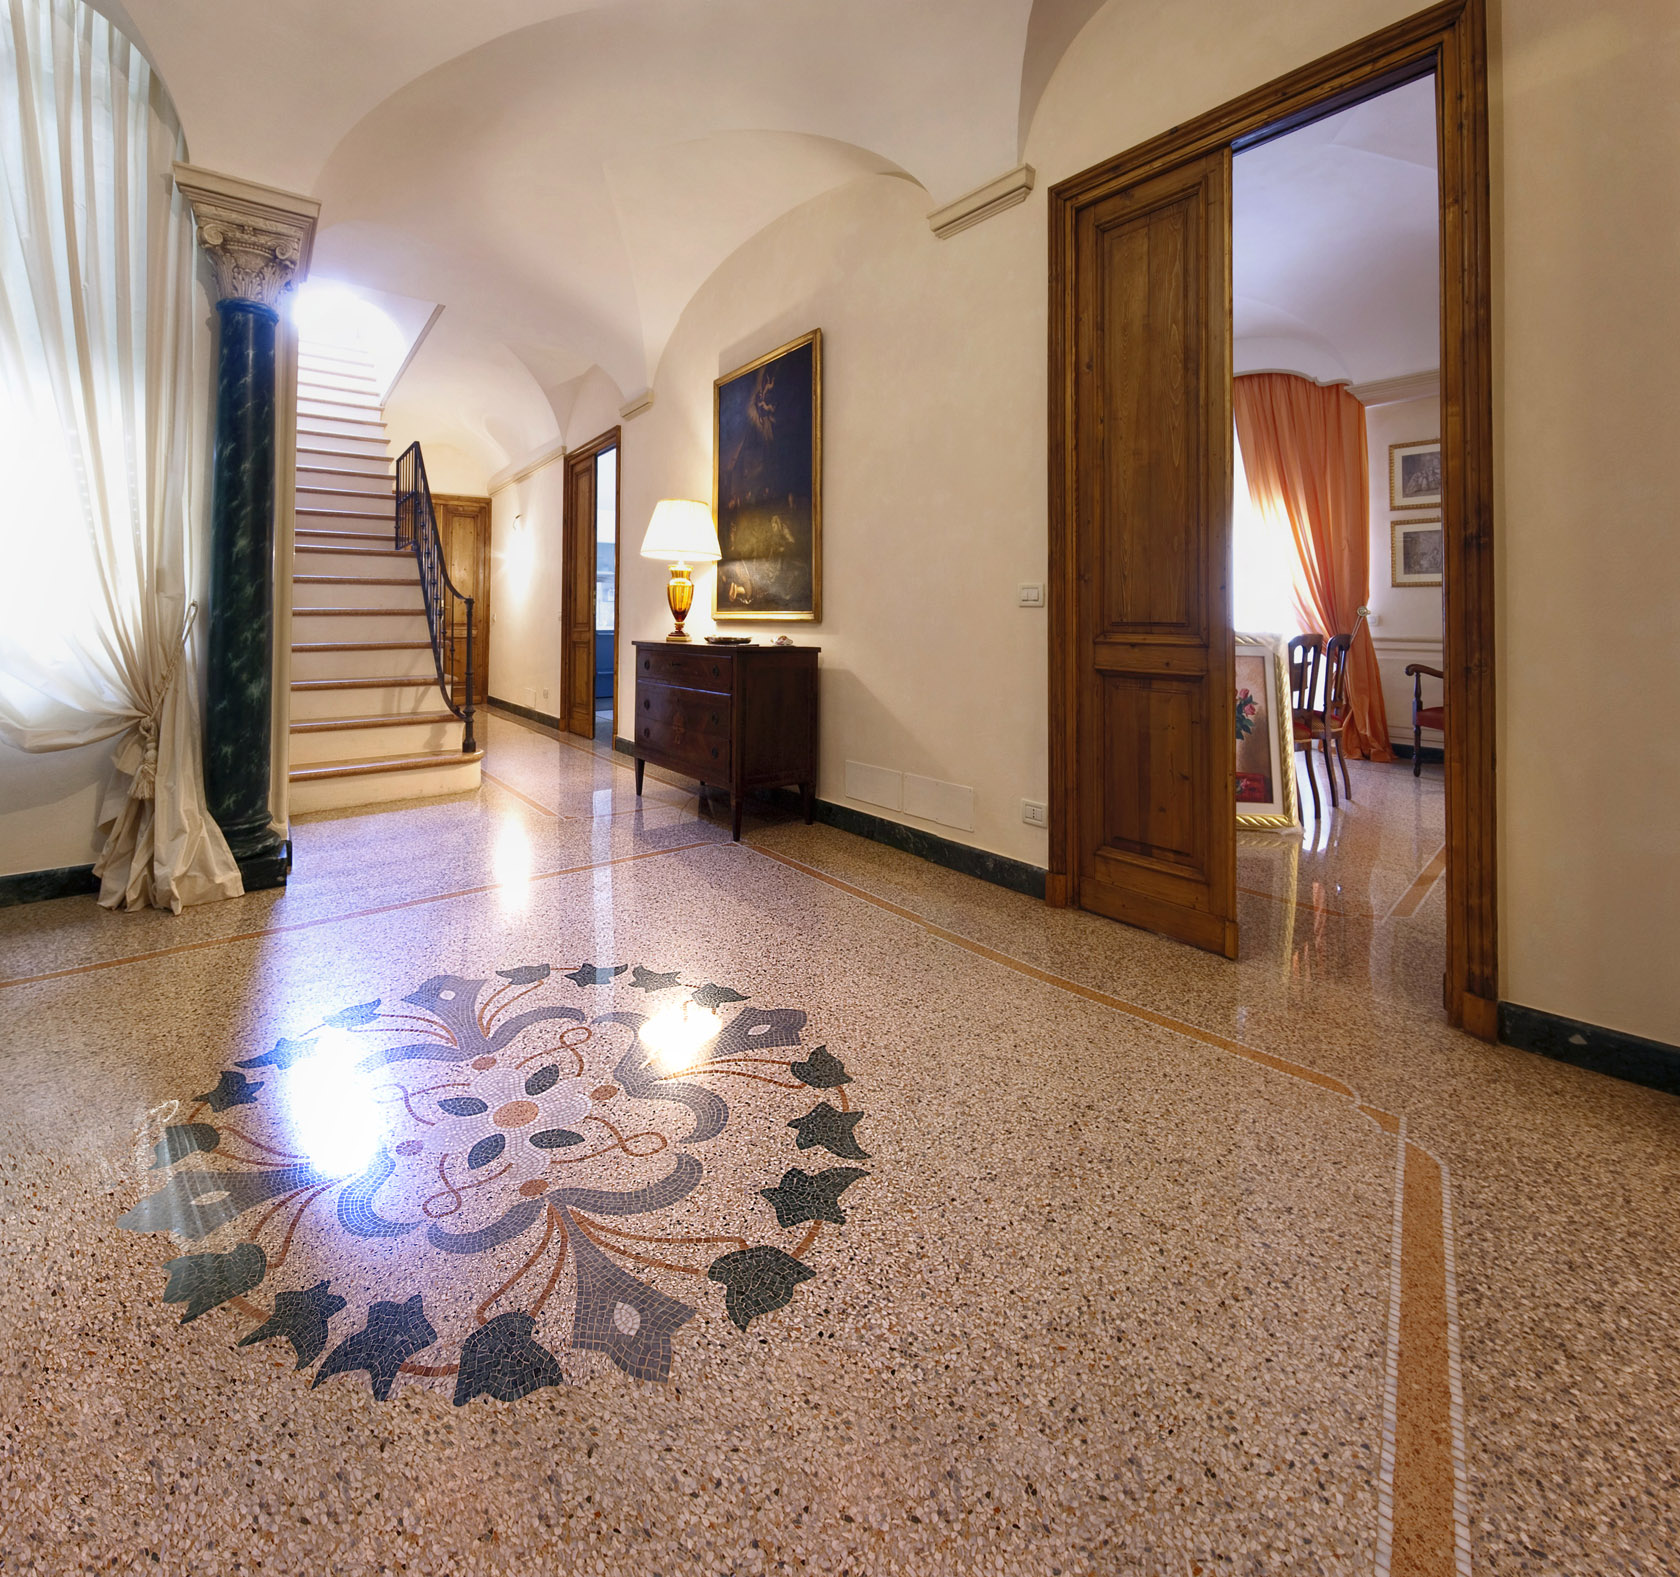 pavimenti in marmo pavimentazione : Vigo Mosaici Pavimentazione in graniglia di marmo alla genovese